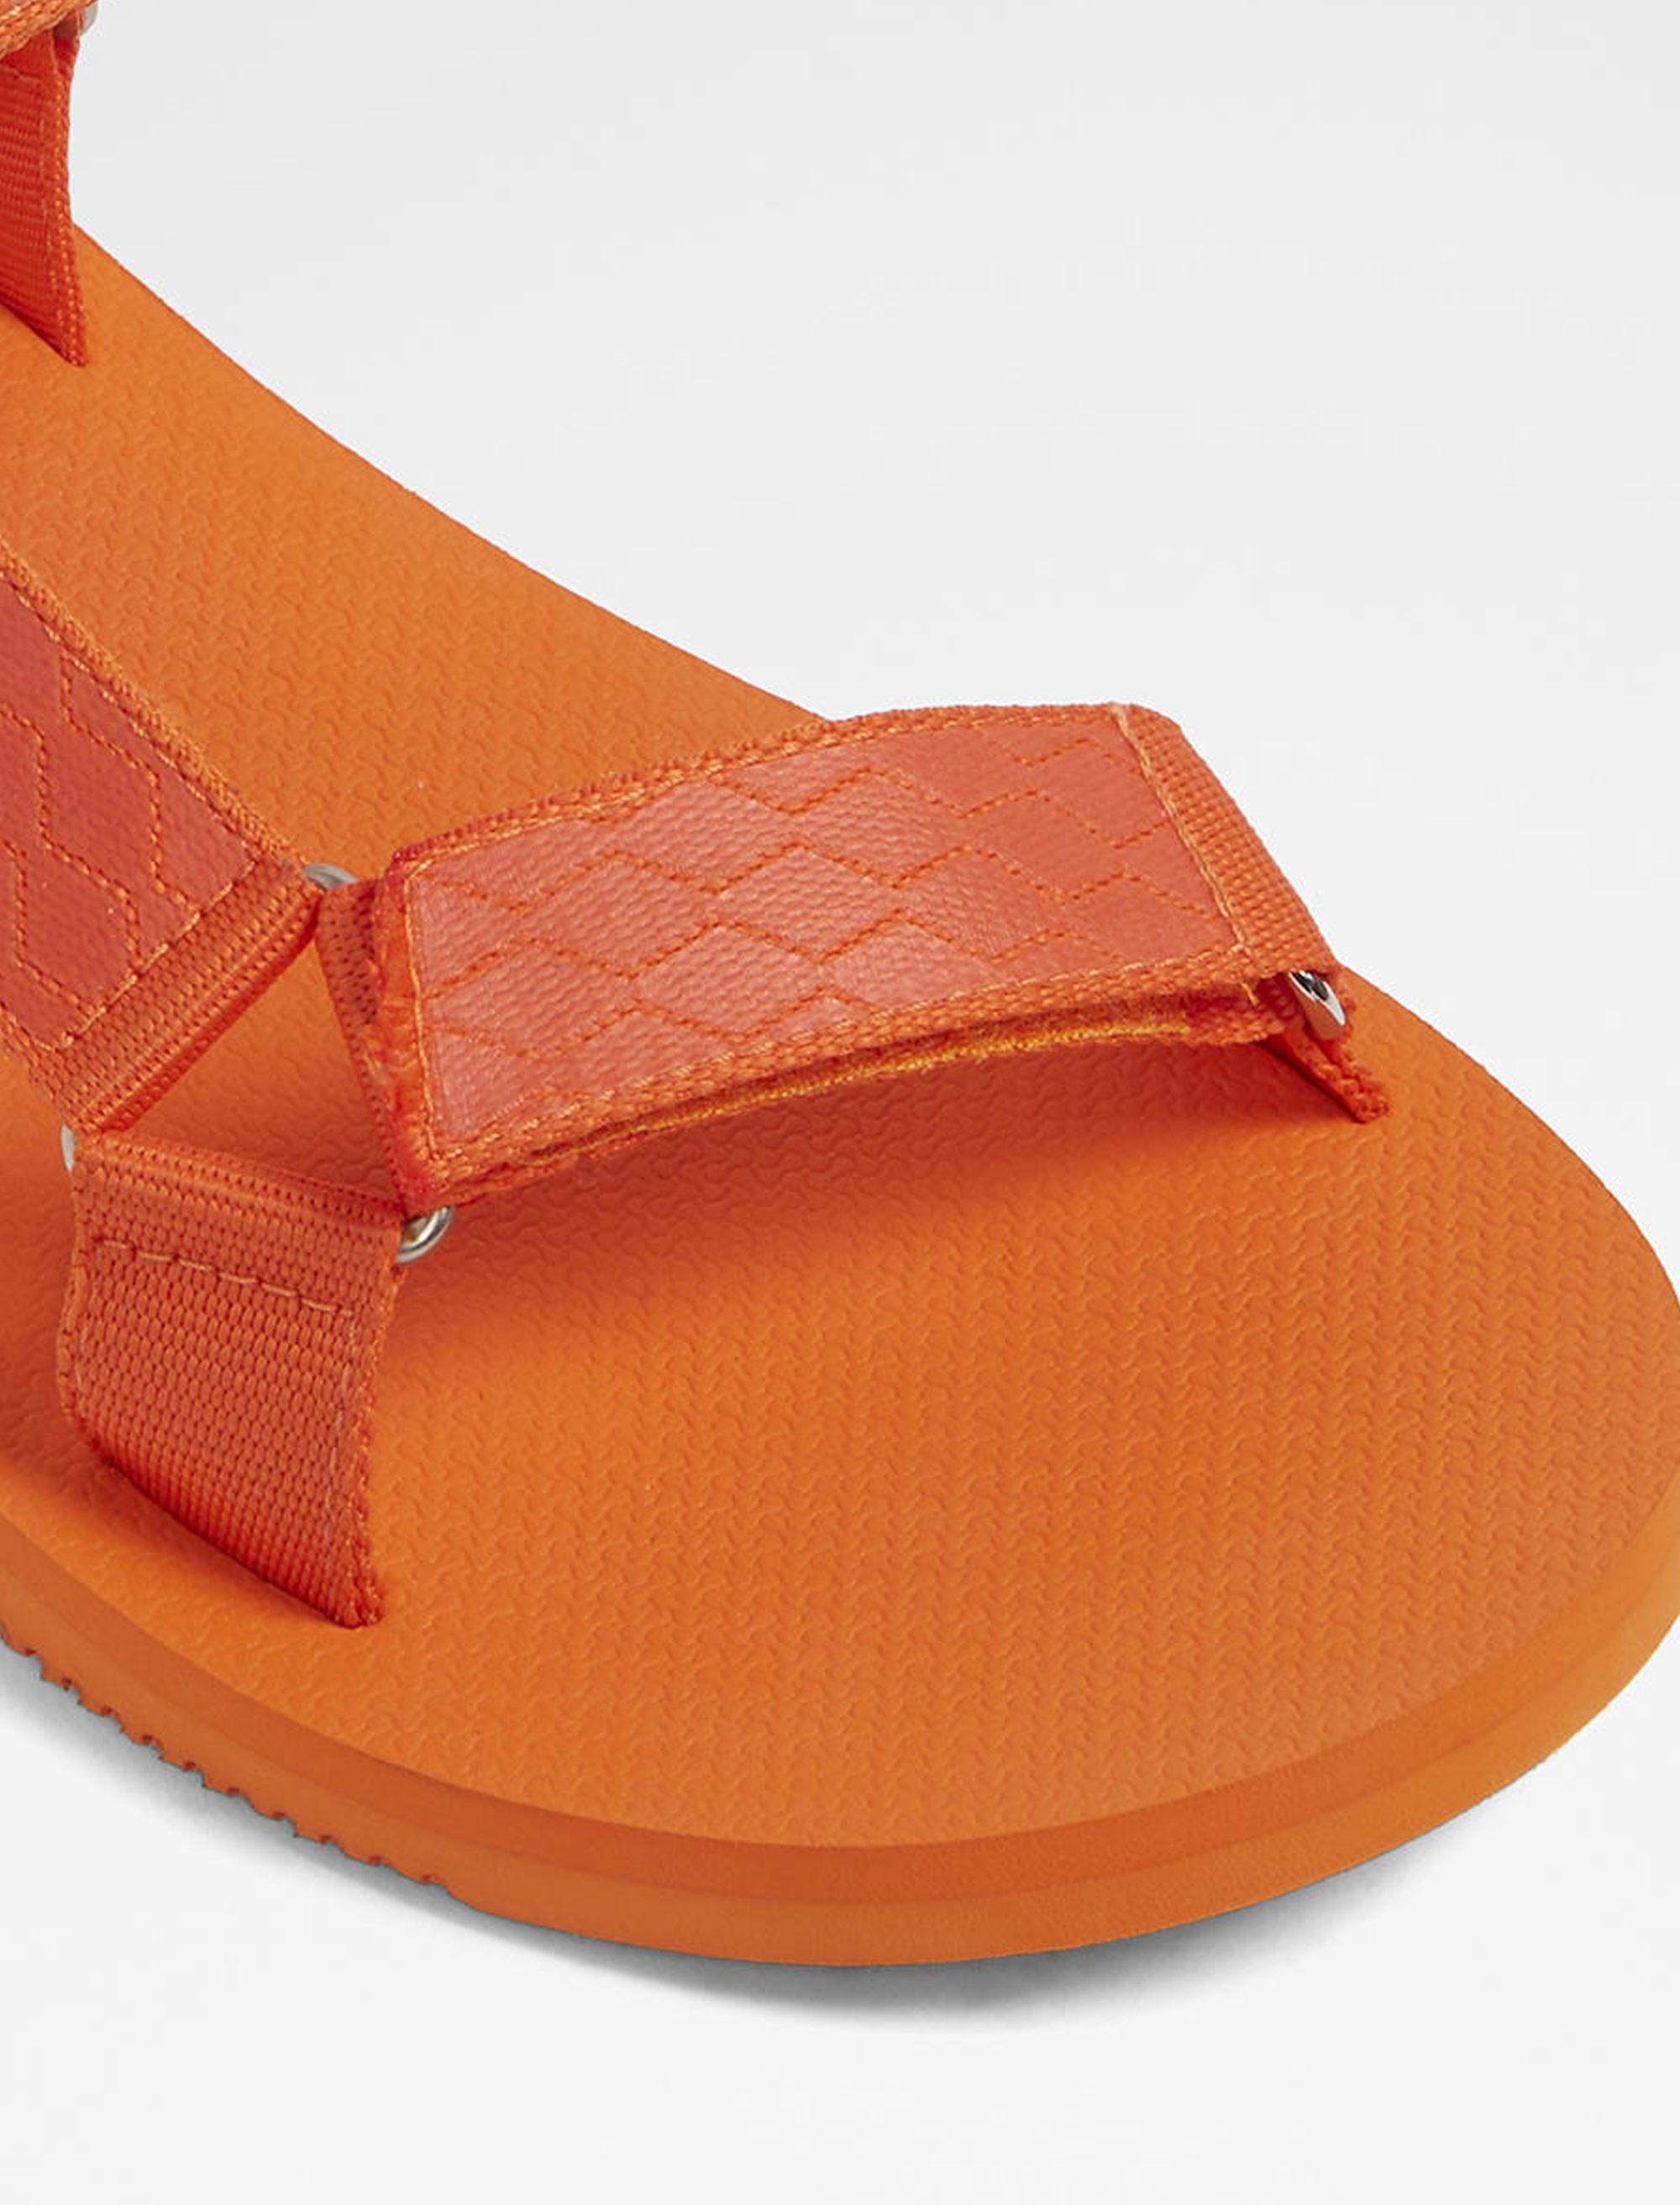 صندل چسبی مردانه - آلدو - نارنجي - 4